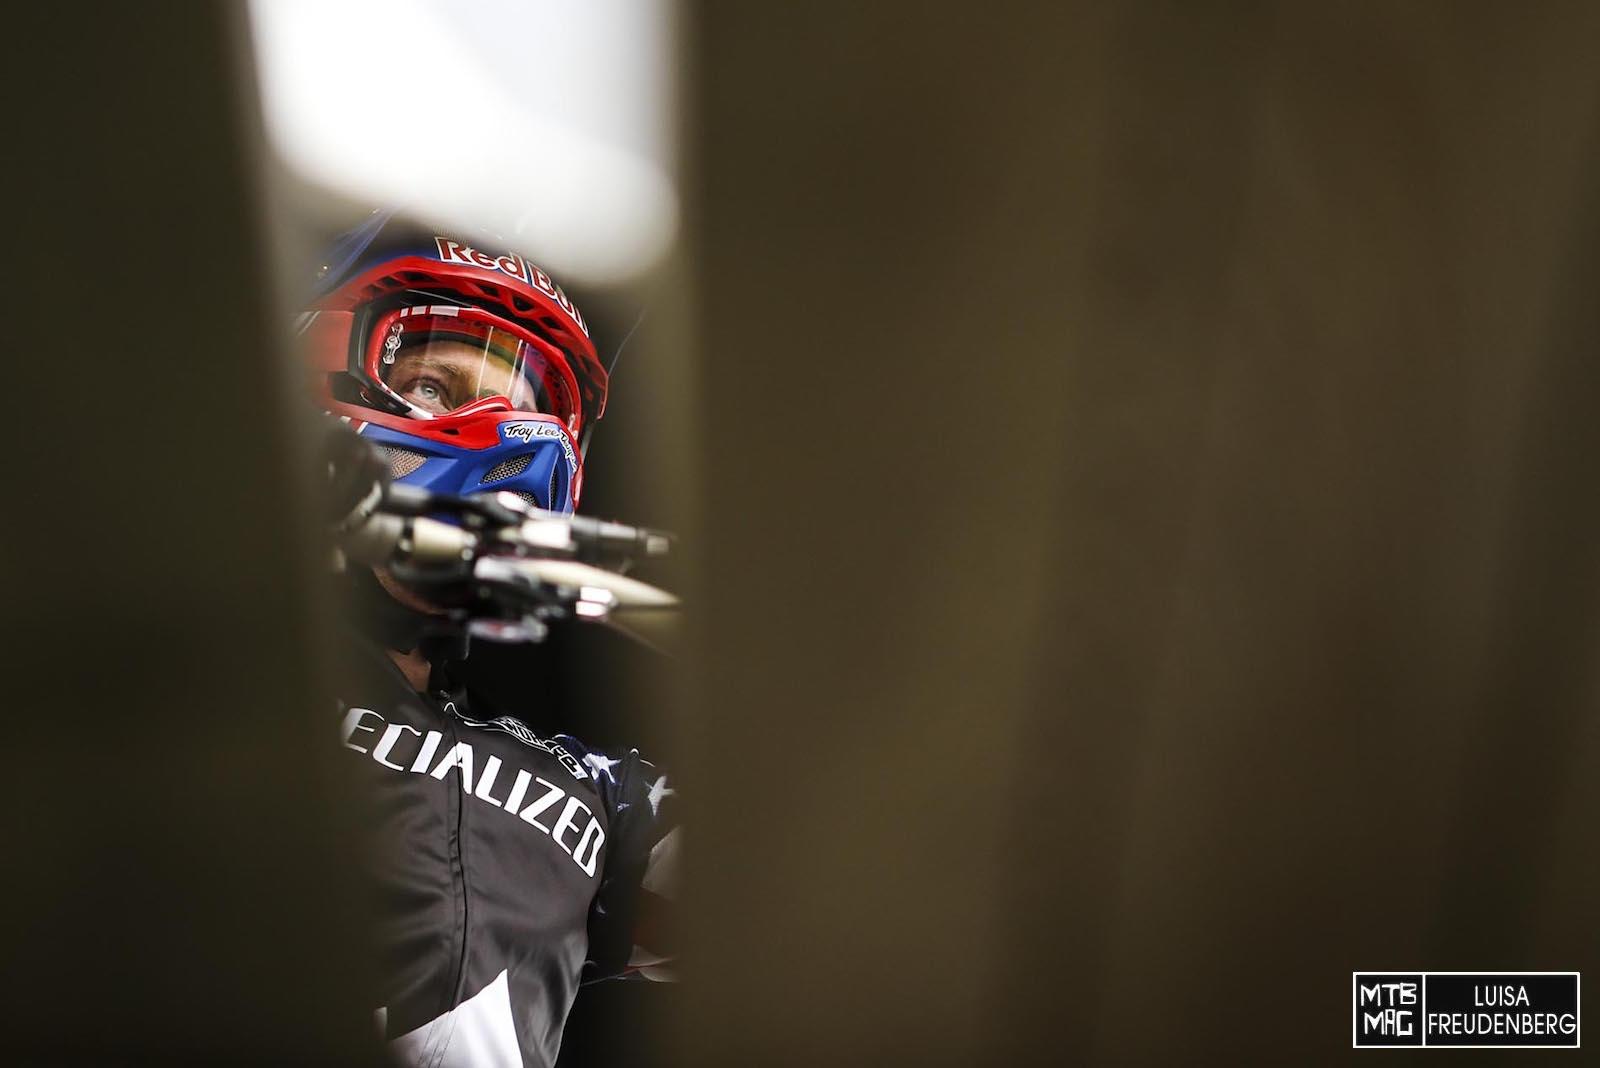 It's all about beeing focused- Aaron Gwin Sekunden vor seinem Start, Sekunden bevor ihm die Kette reißt und Minuten bevor er den Weltcup gewinnt.